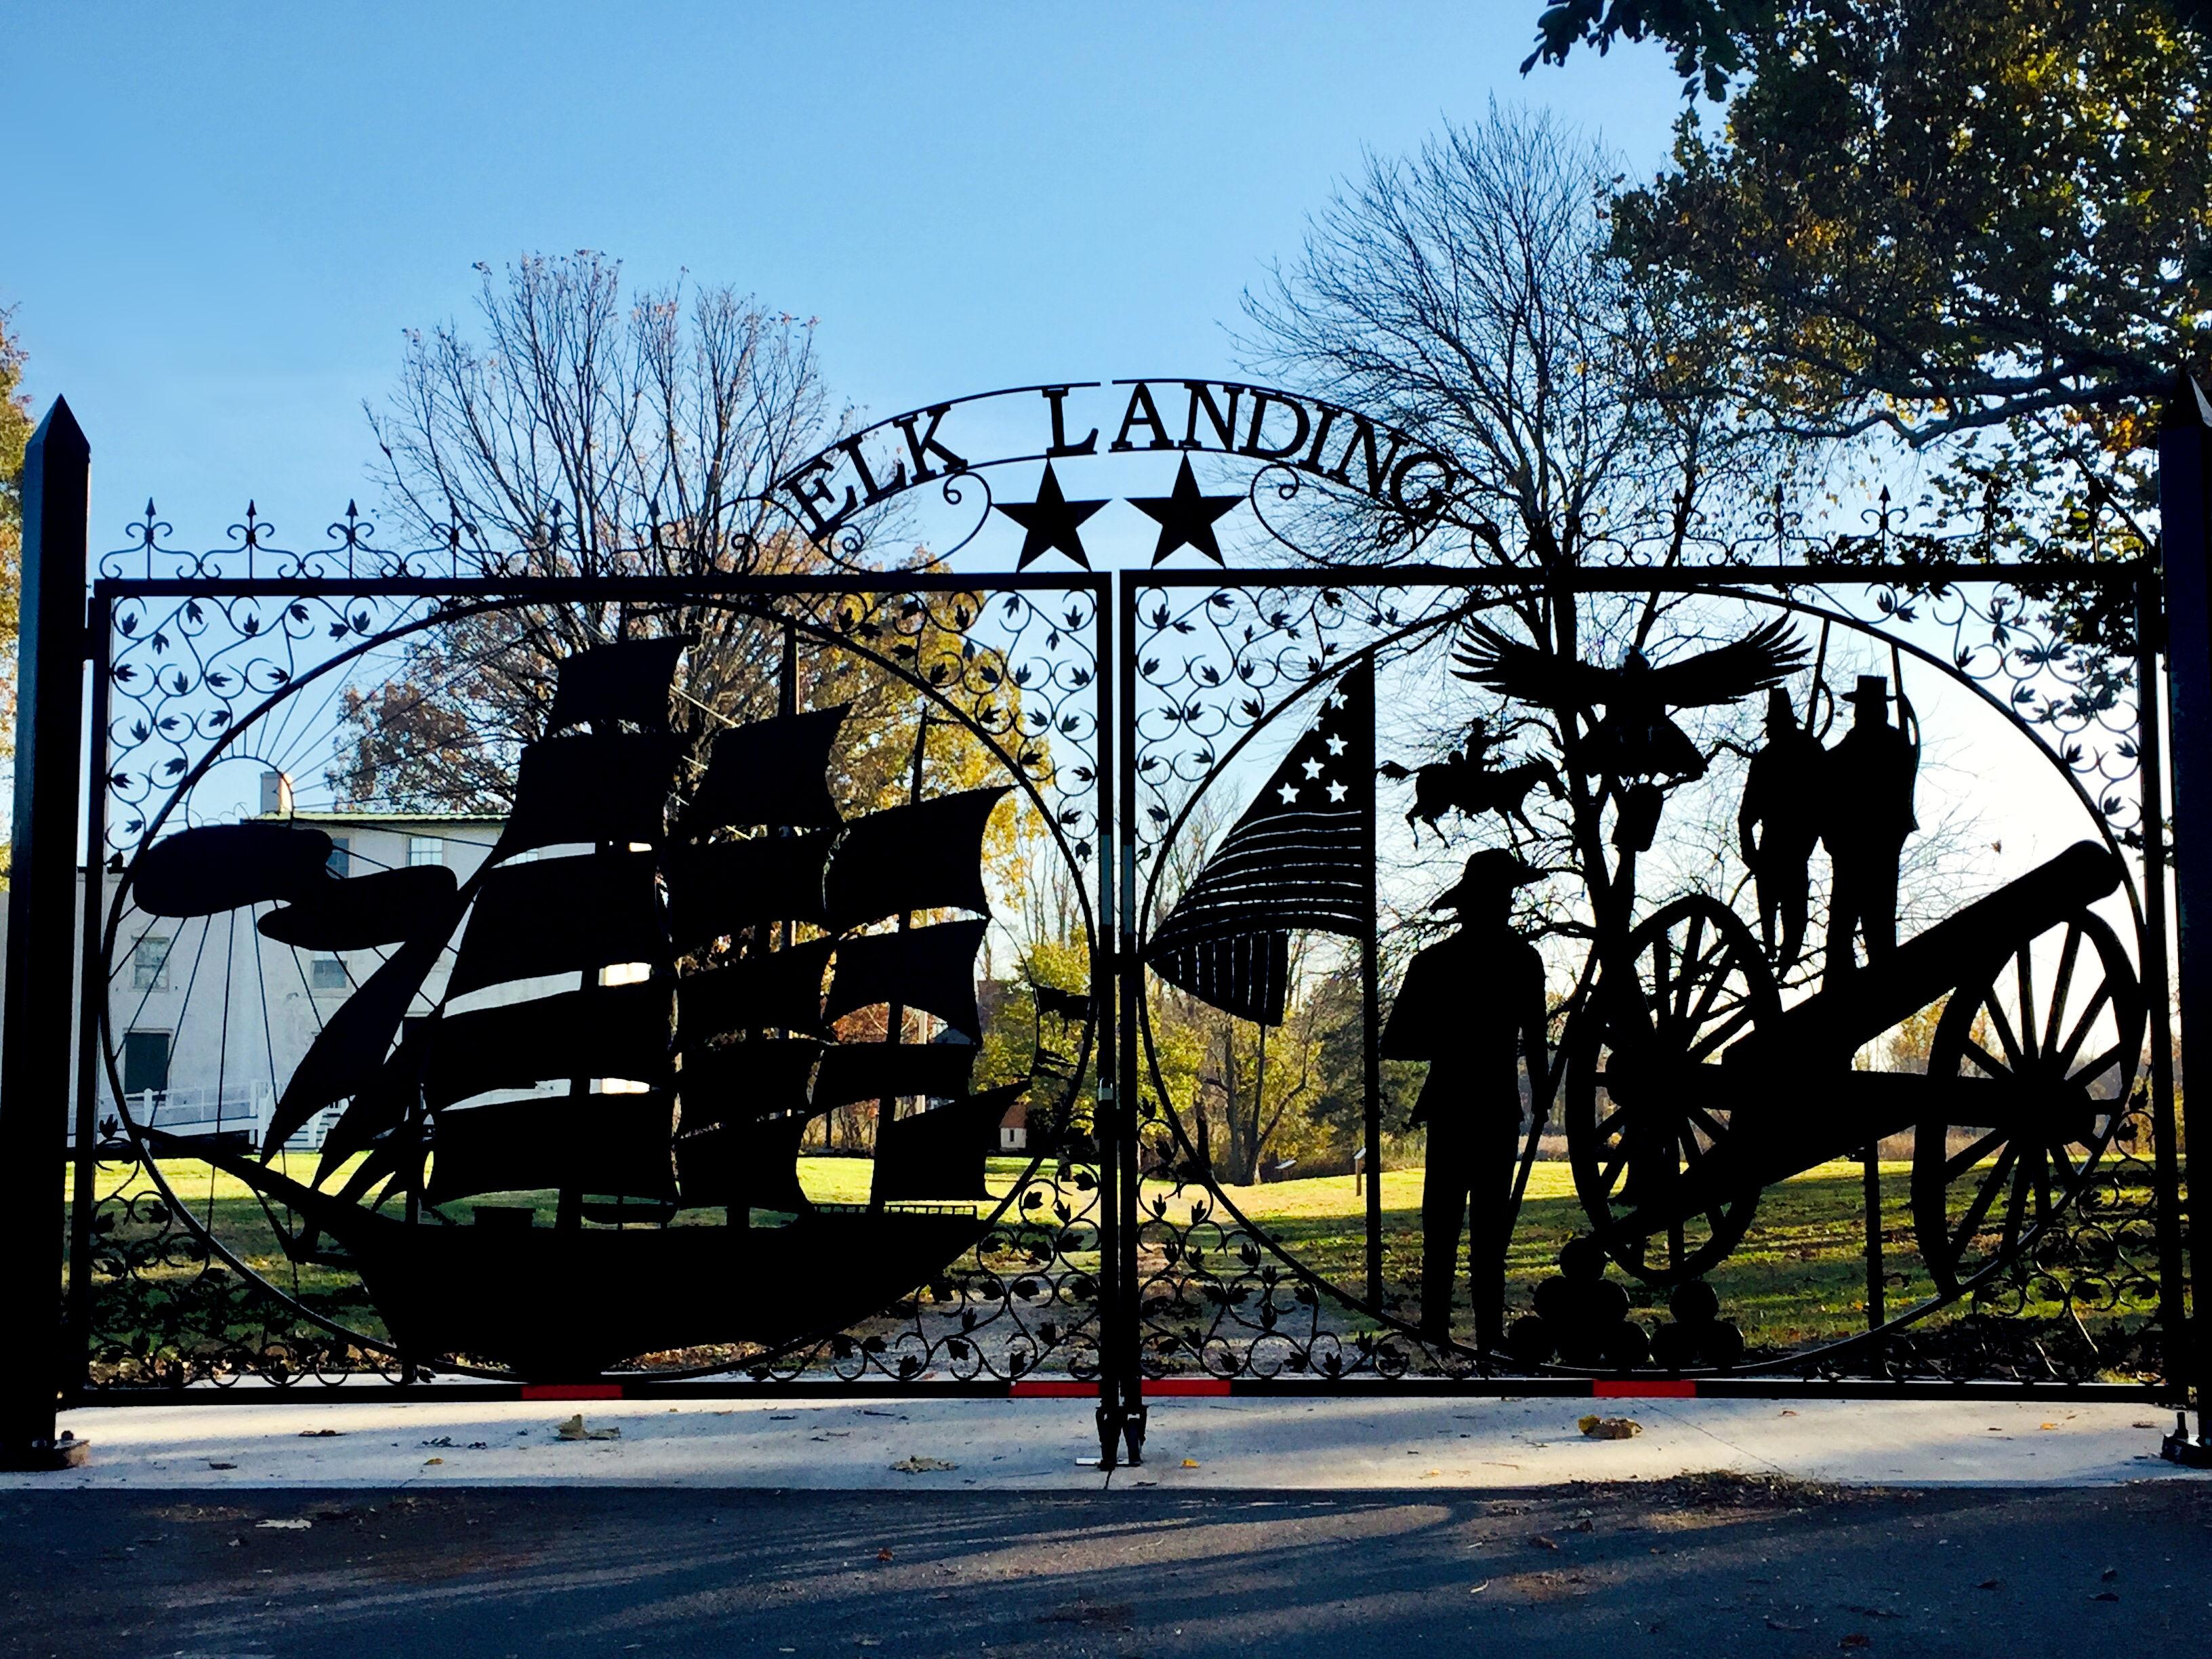 Welcome to Historic Elk Landing!